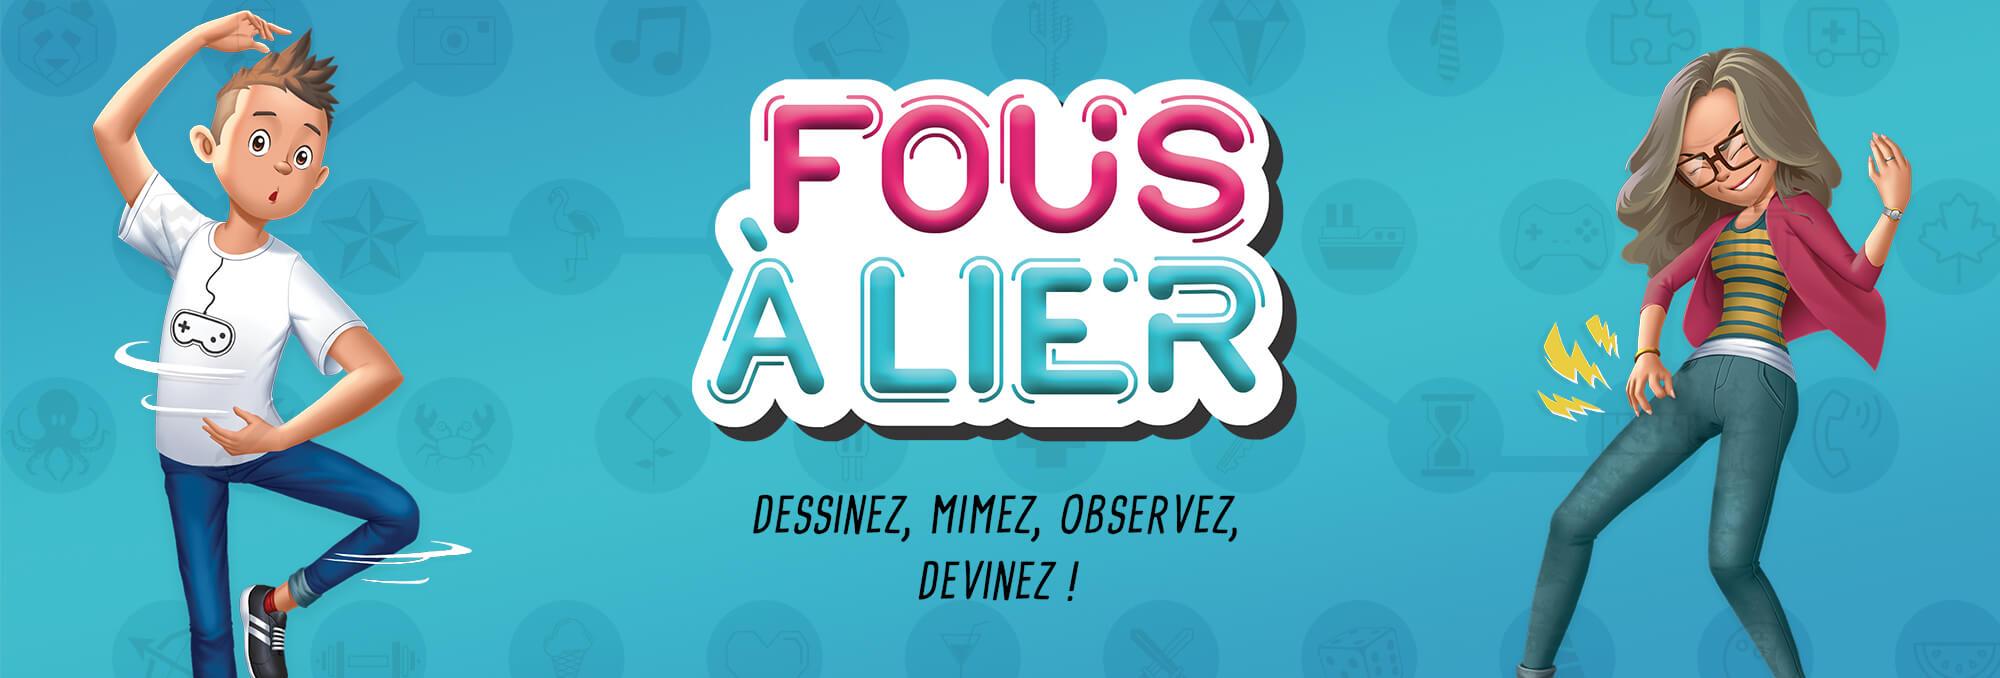 Slide-Fous-a-lier-Website